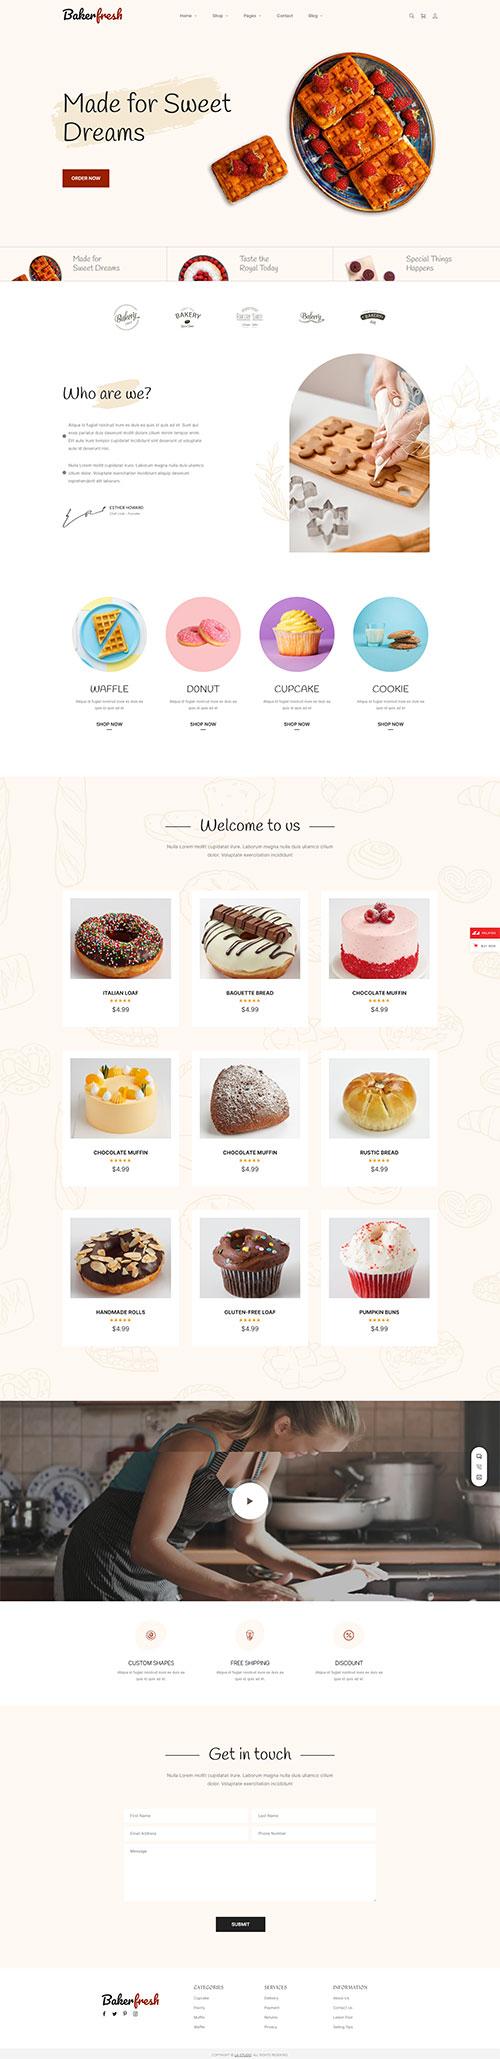 Mẫu-web-Tiệm-bánh-đồ-ăn-nhanh-04